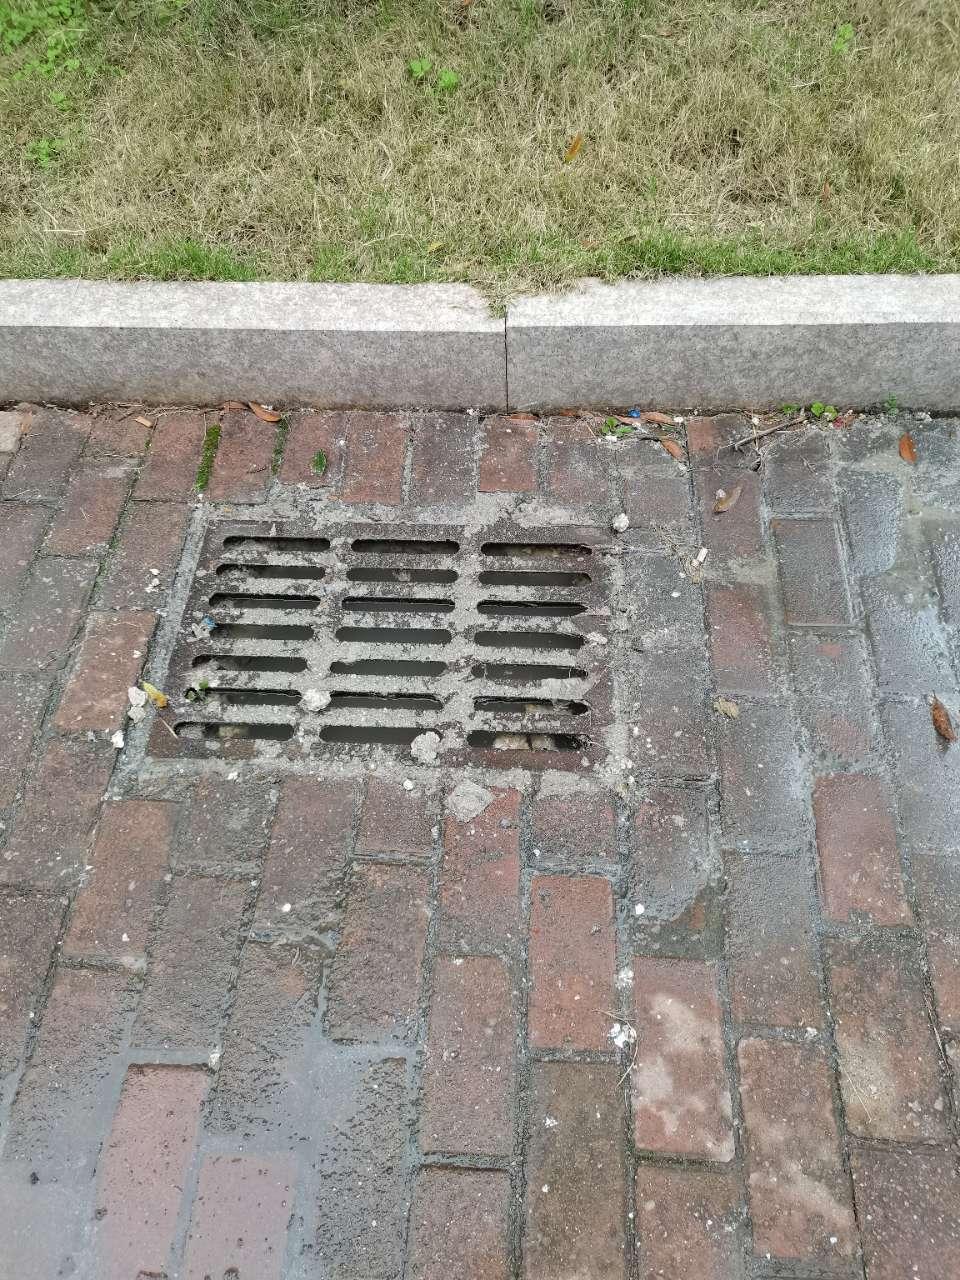 信江华苑小区下水道没处理好现在经常爆出来,臭气熏天